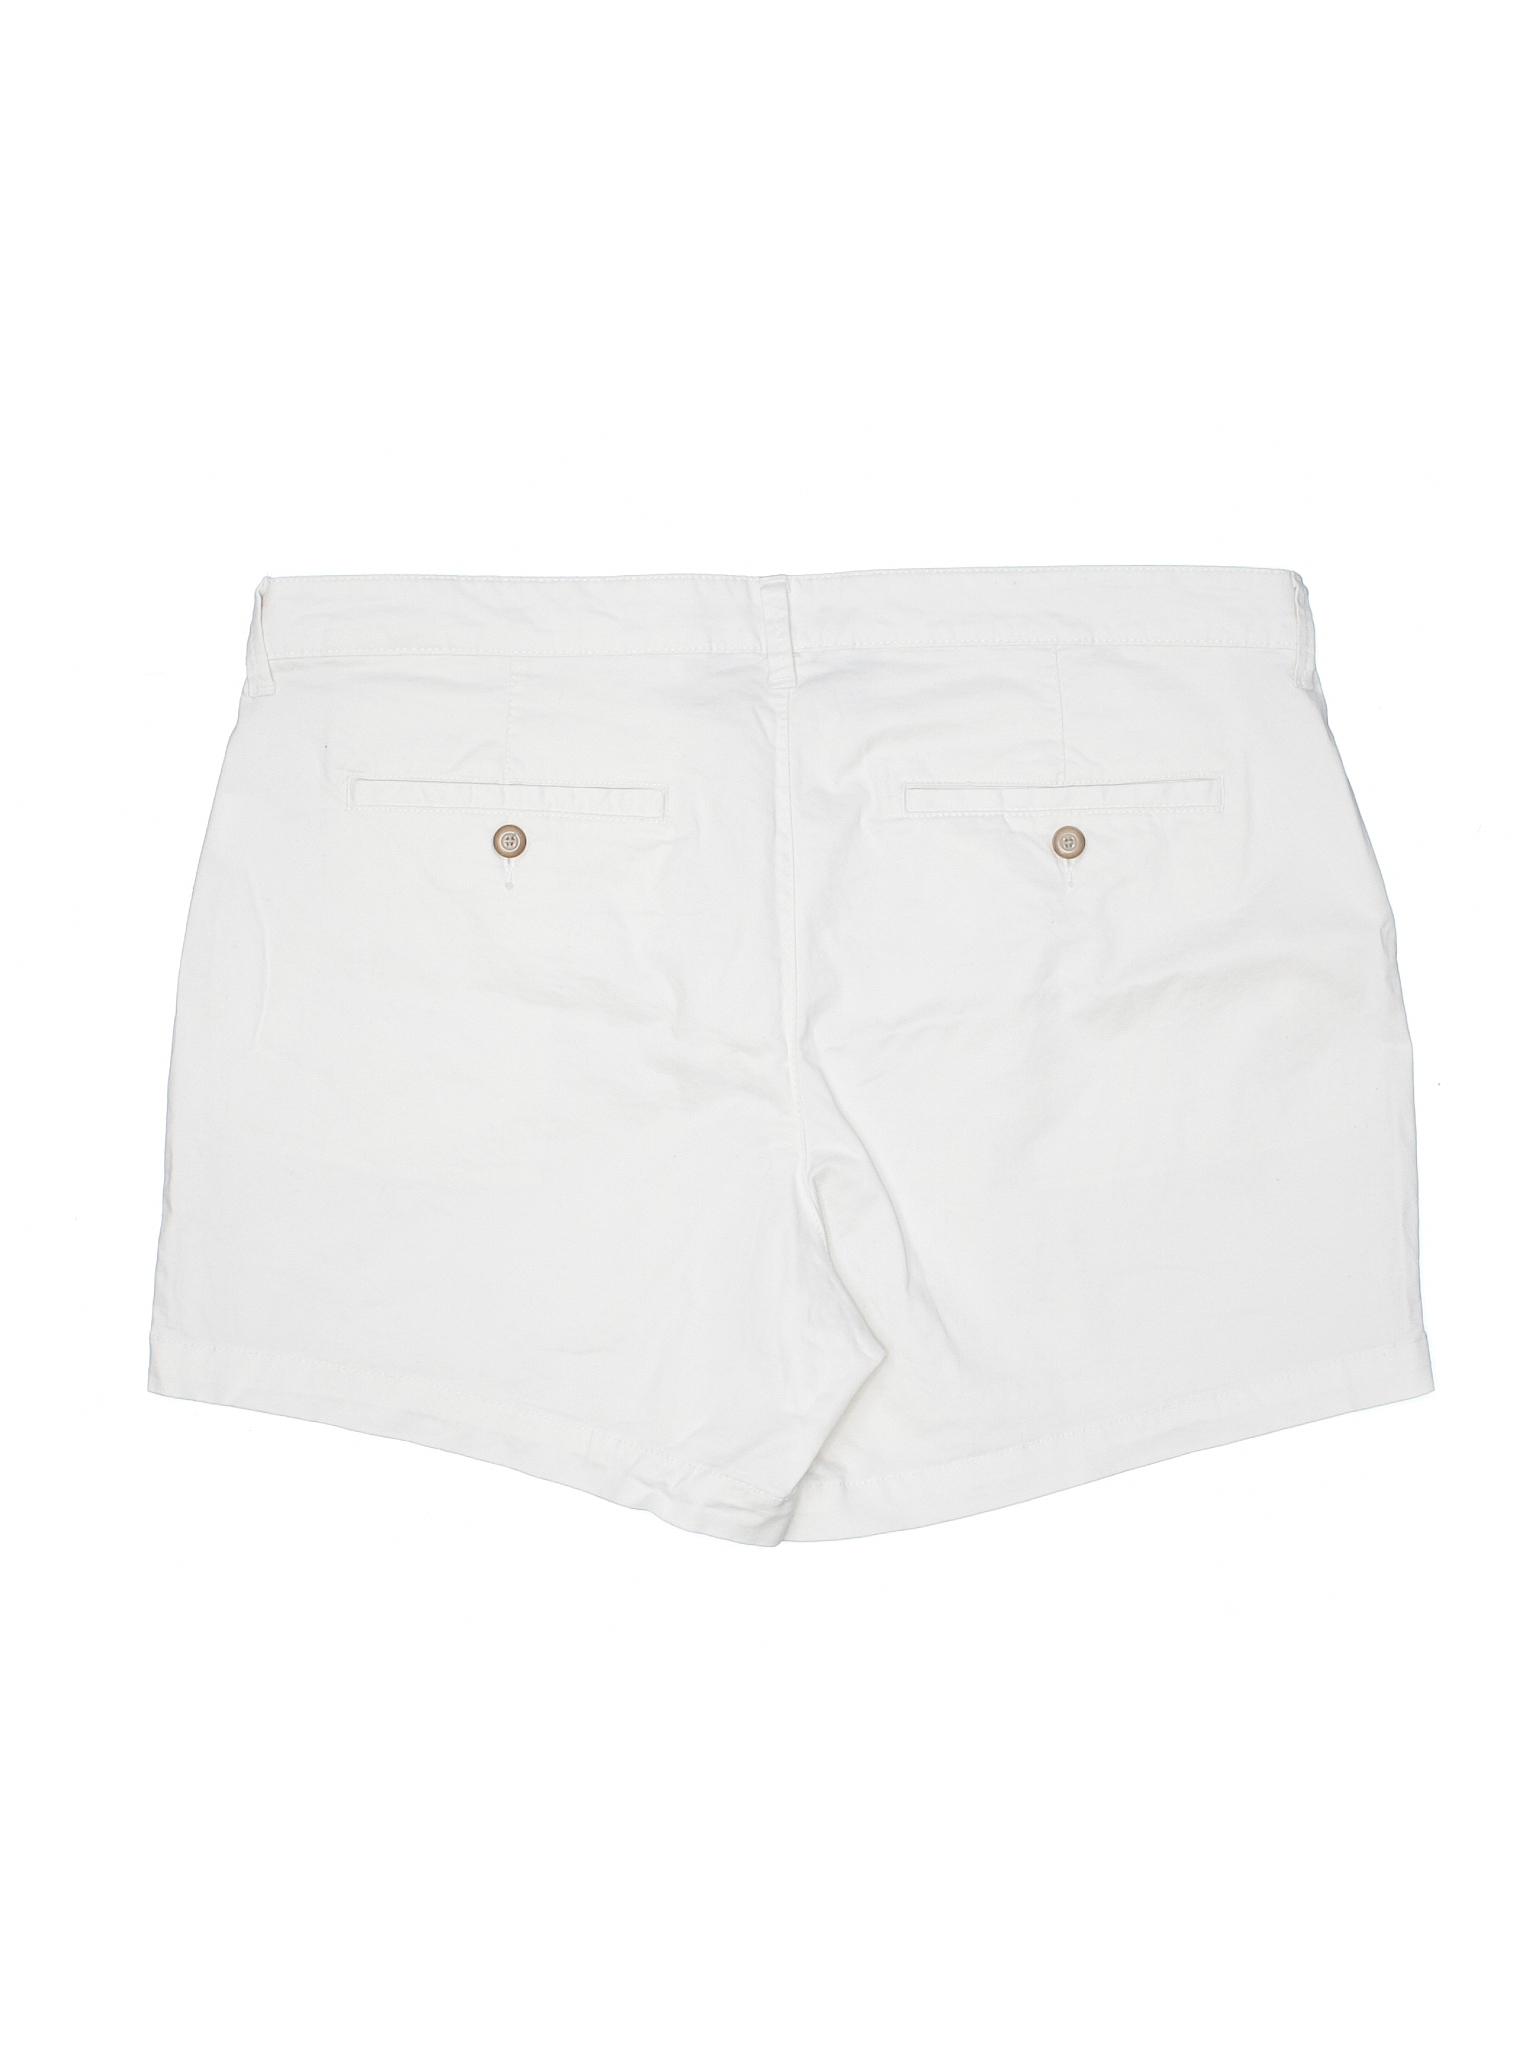 Shorts Boutique Gap Outlet Boutique Khaki Gap Shorts Boutique Outlet Khaki Gap vq7gWdTqr